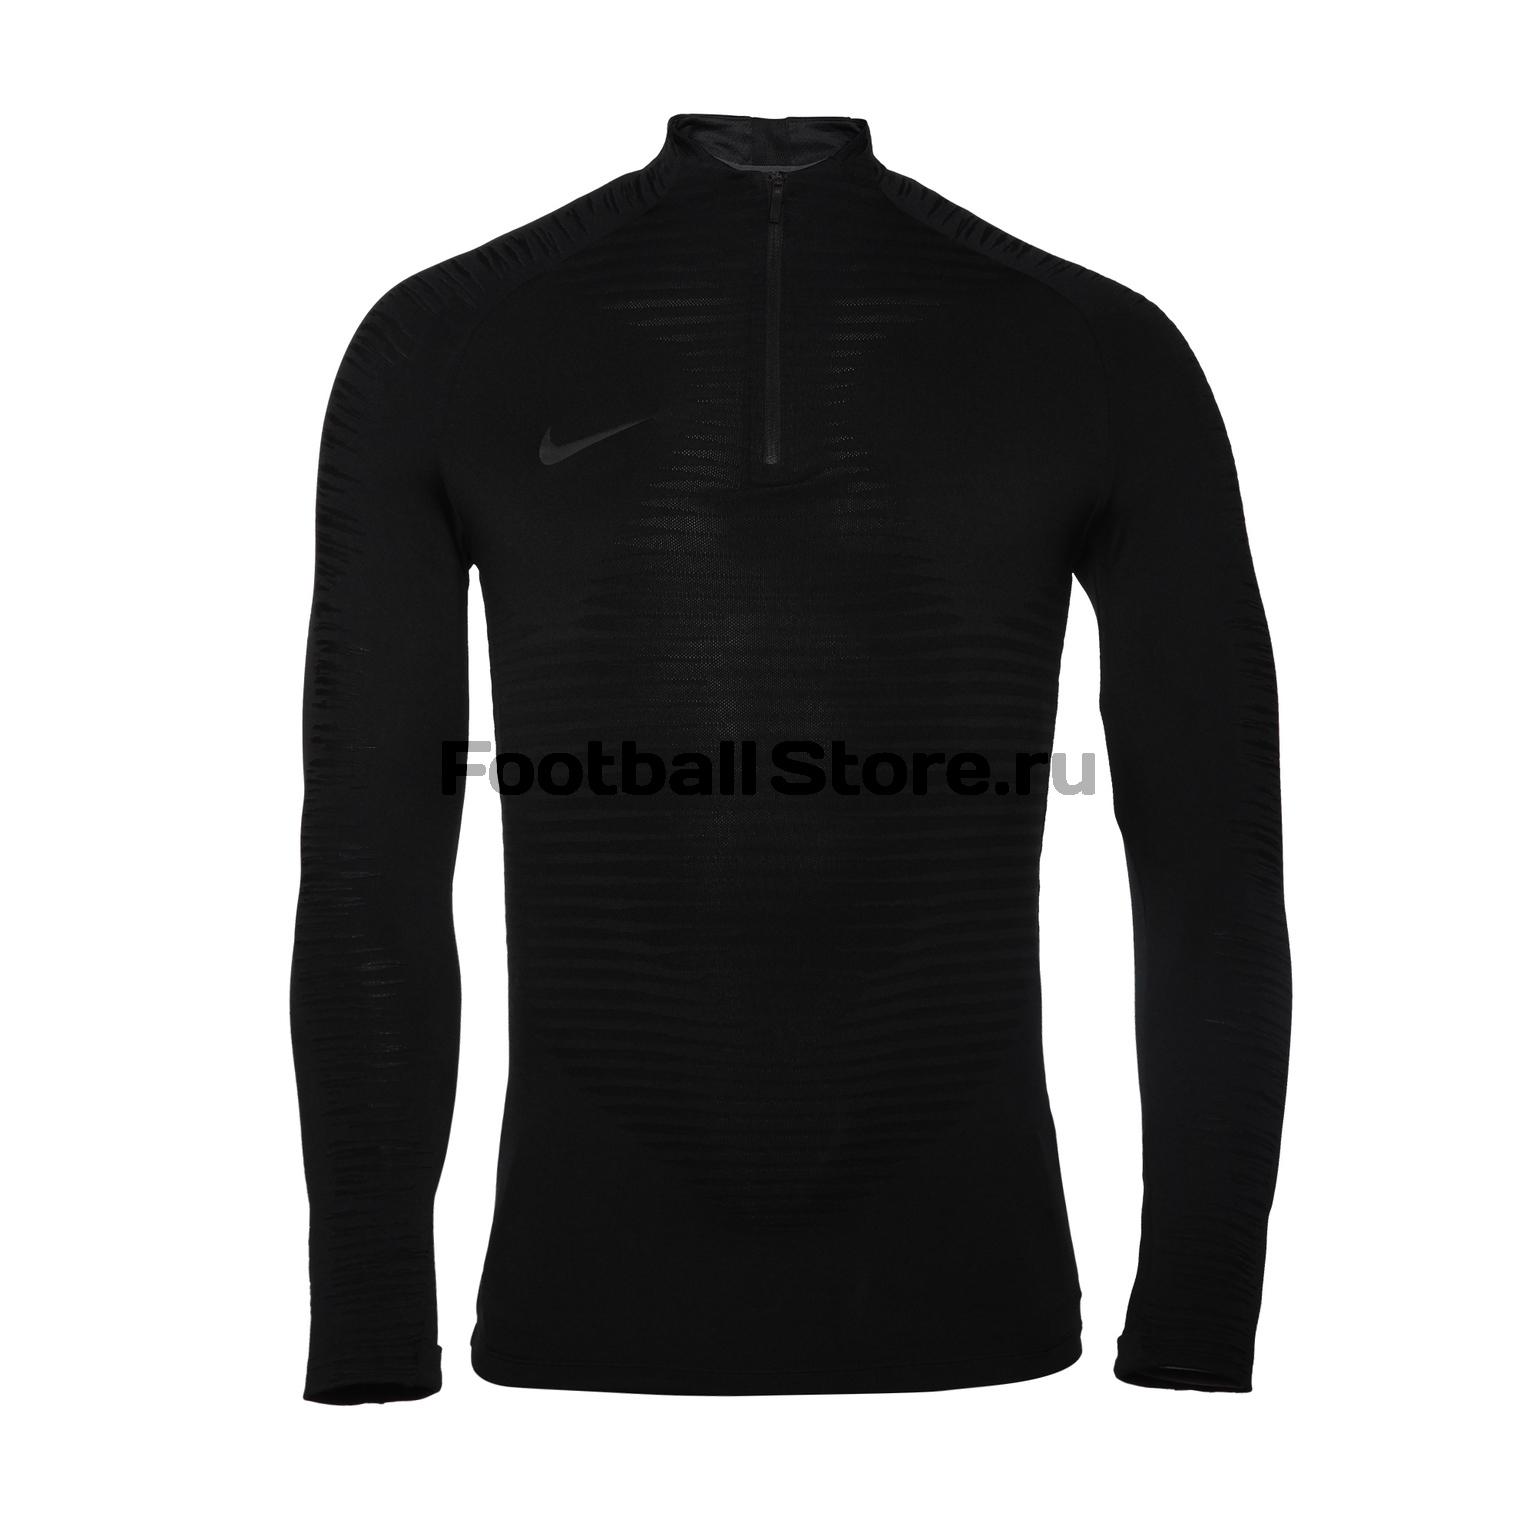 Свитер тренировочный Nike Vapor 892707-010 бутсы nike mercurial victory iii fg 509128 800